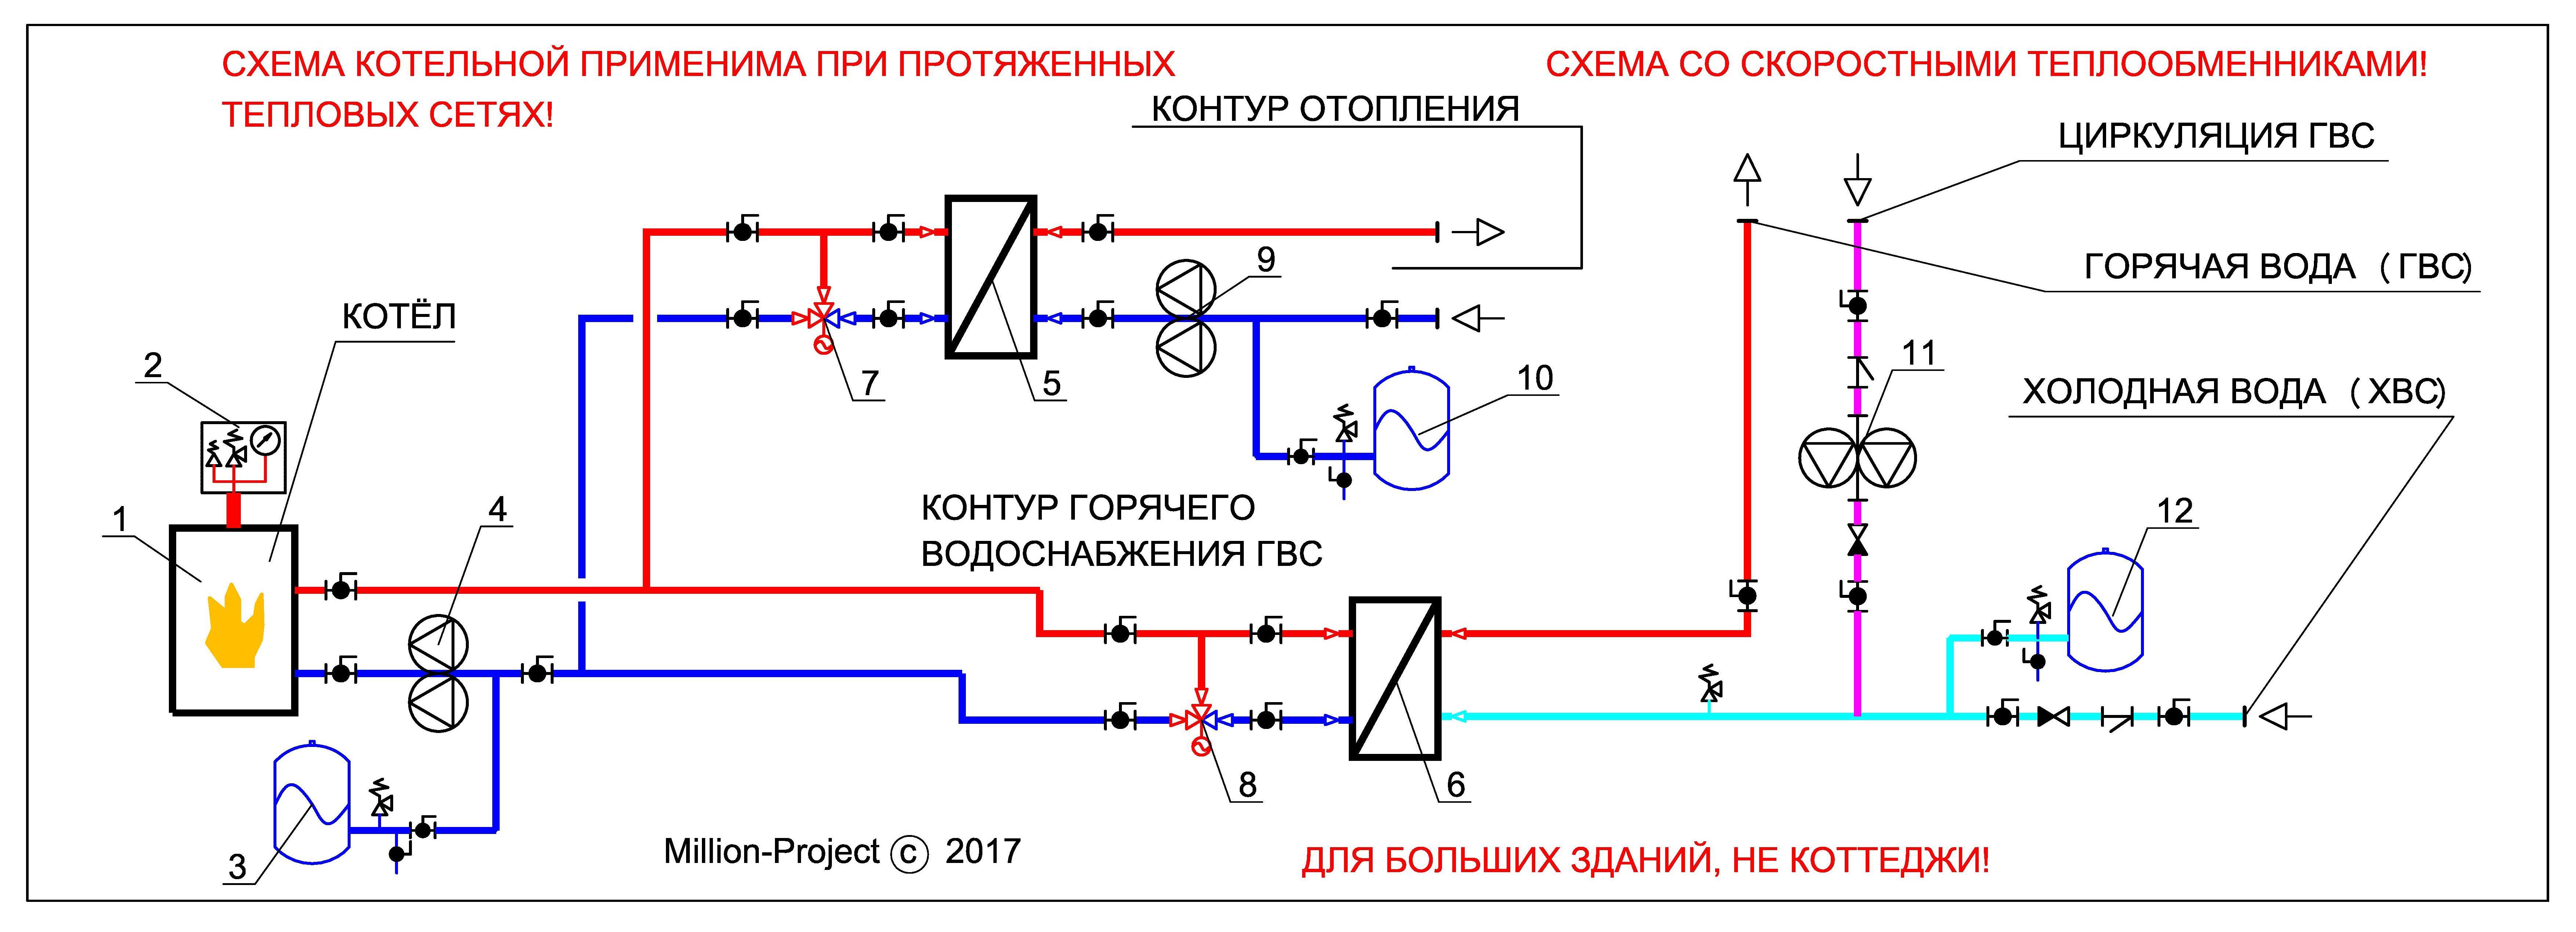 f2b8284d317673ea7f26684b58a2b4f86a38405c.jpg (7017×2538)